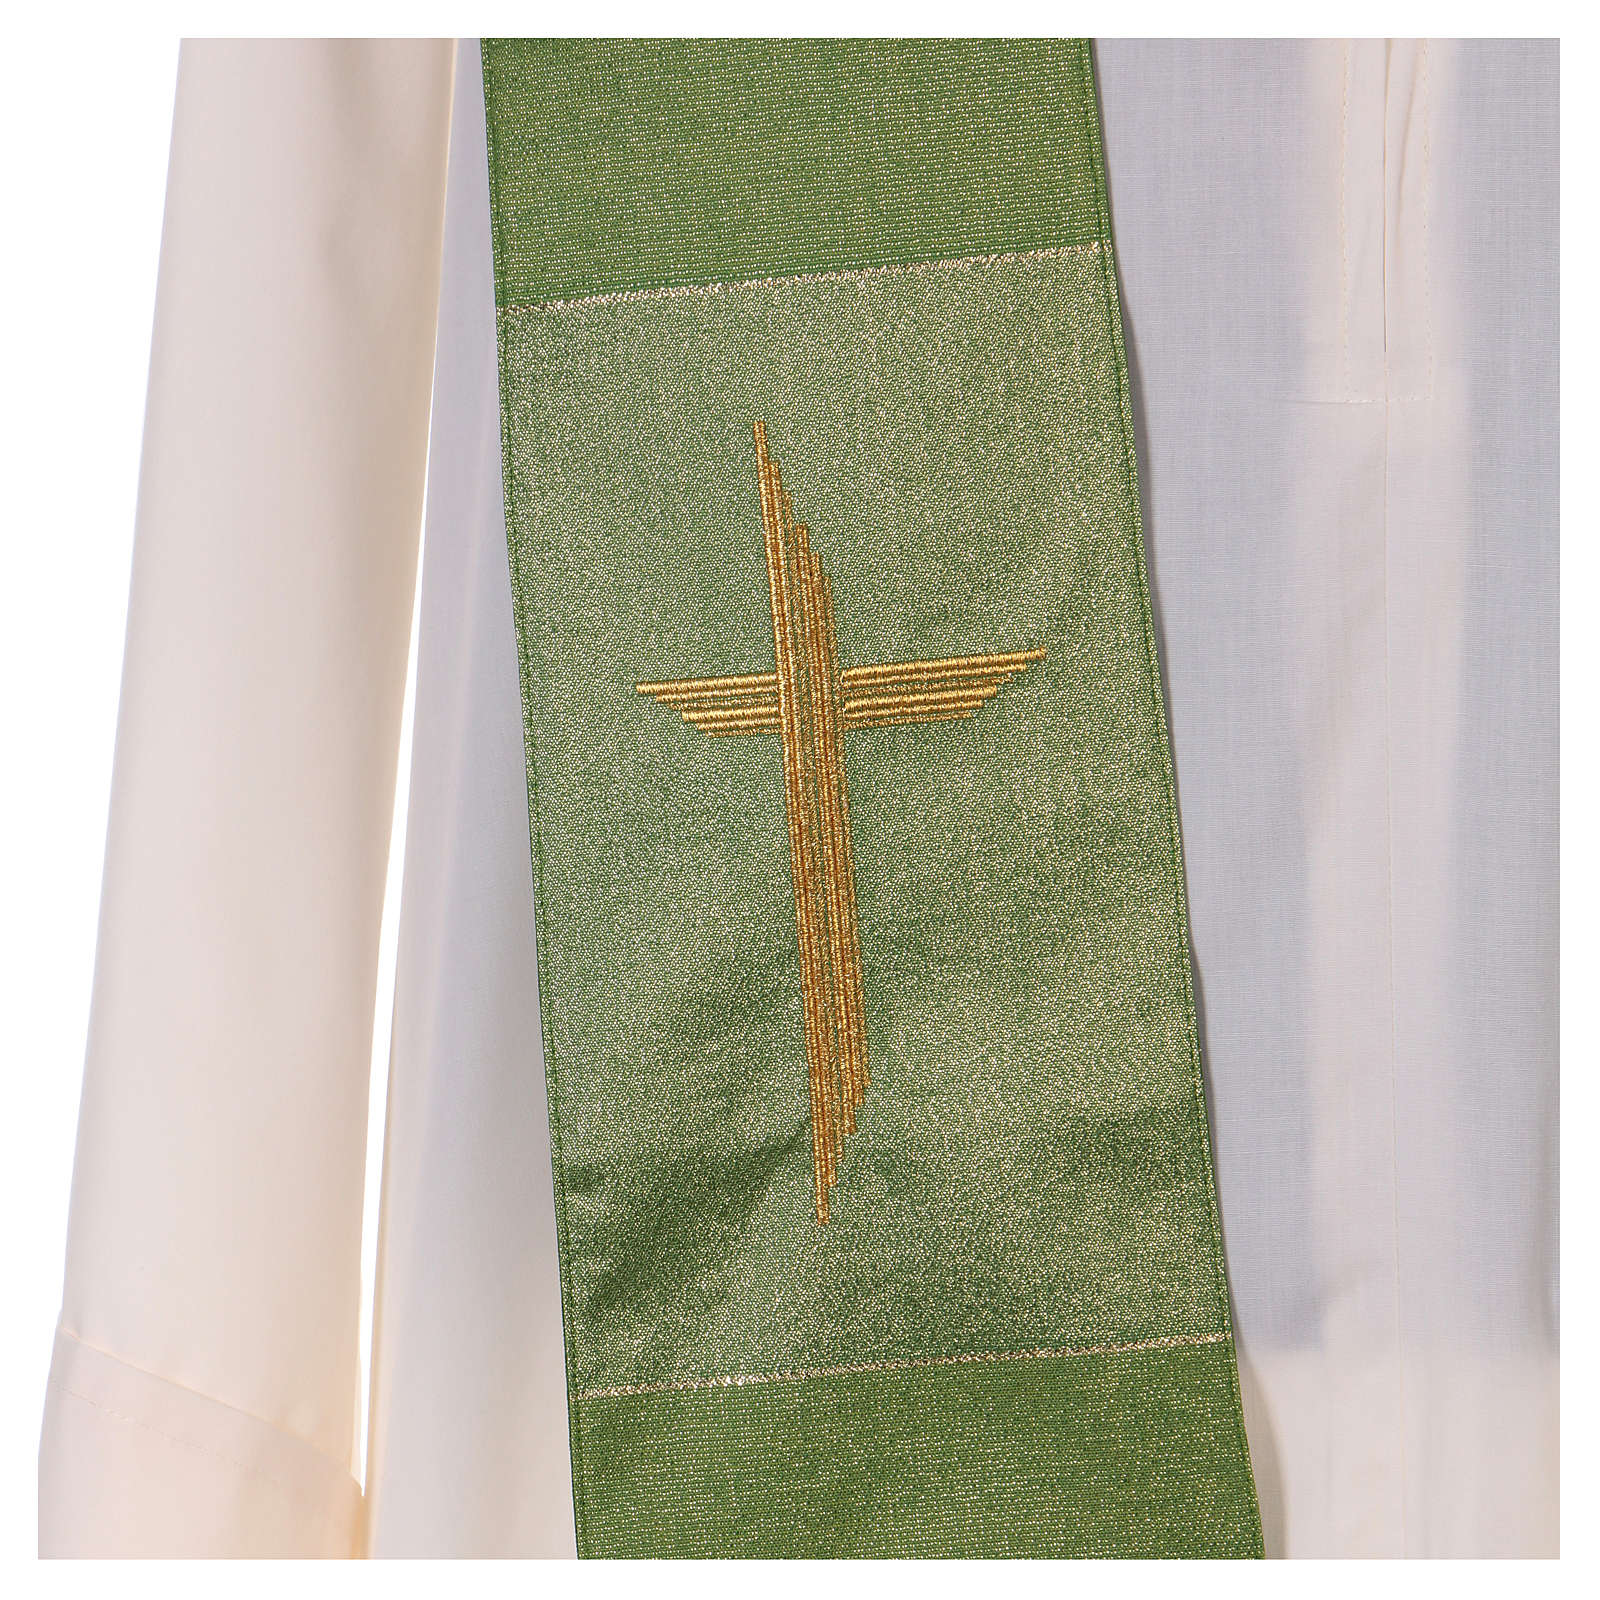 Étole 85% laine 15% lurex avec croix dorée 4